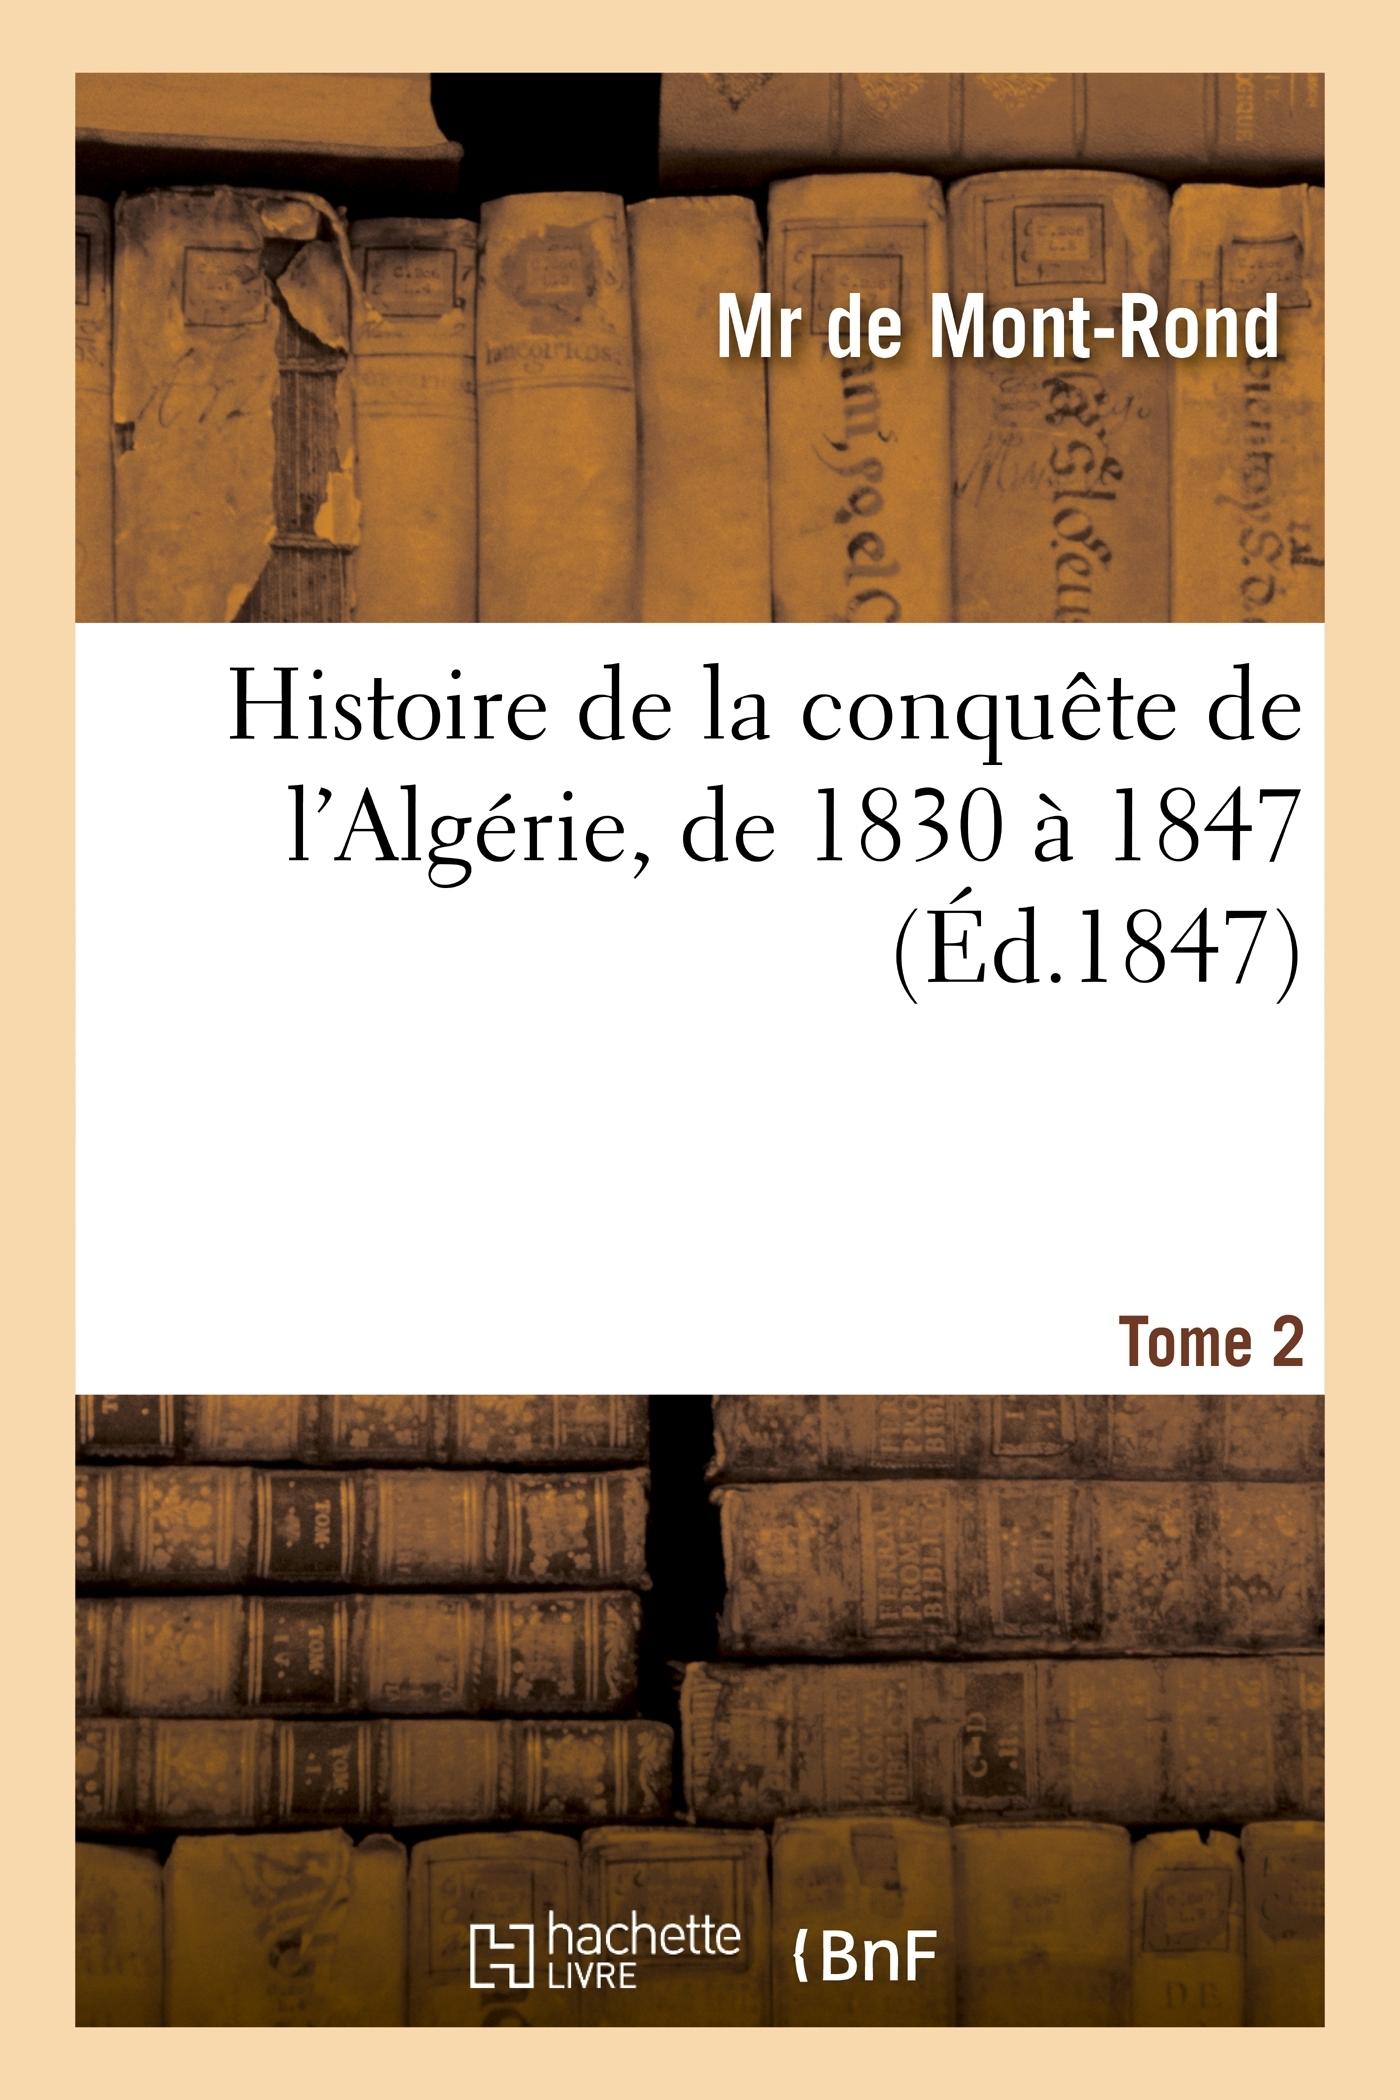 HISTOIRE DE LA CONQUETE DE L'ALGERIE, DE 1830 A 1847. TOME 2